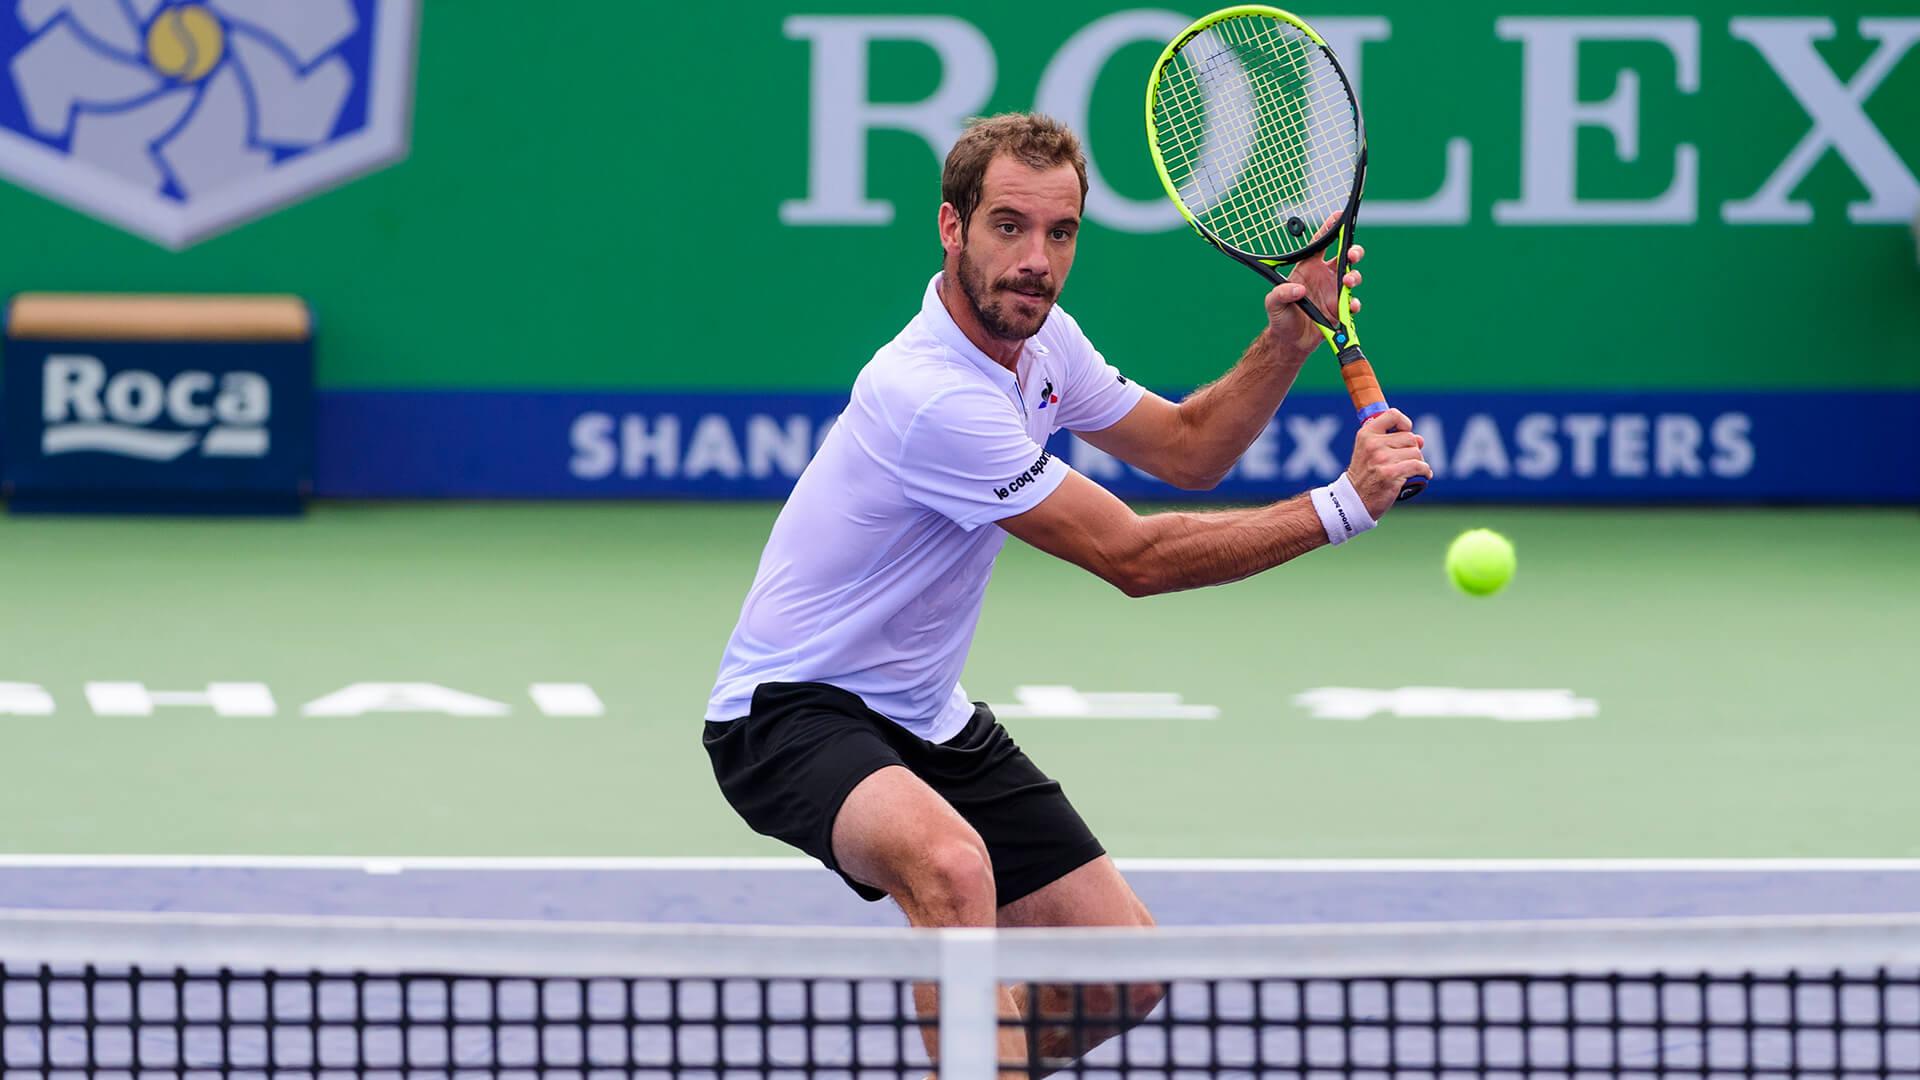 Preview Wimbledon : Allez les bleeeeeuuuuus, on est tous avec vouuuuus